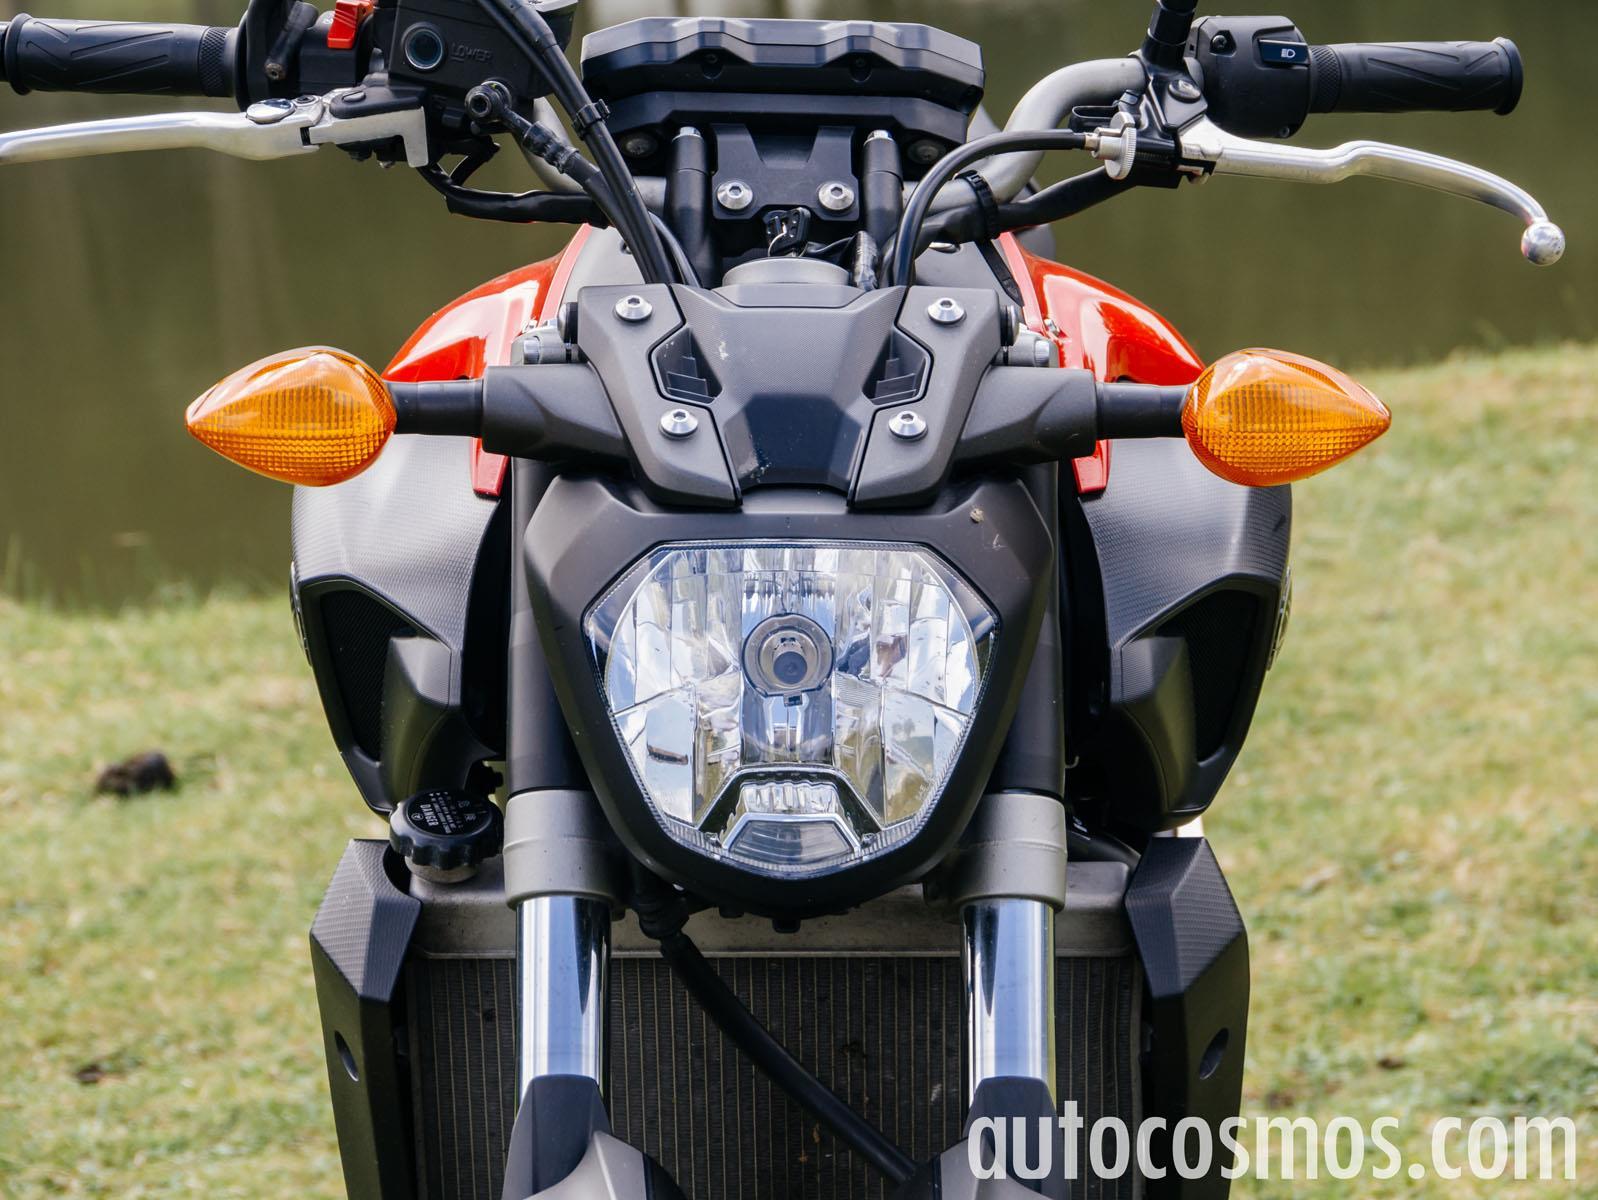 Yamaha Fz 07 2015 A Prueba Autocosmos Com